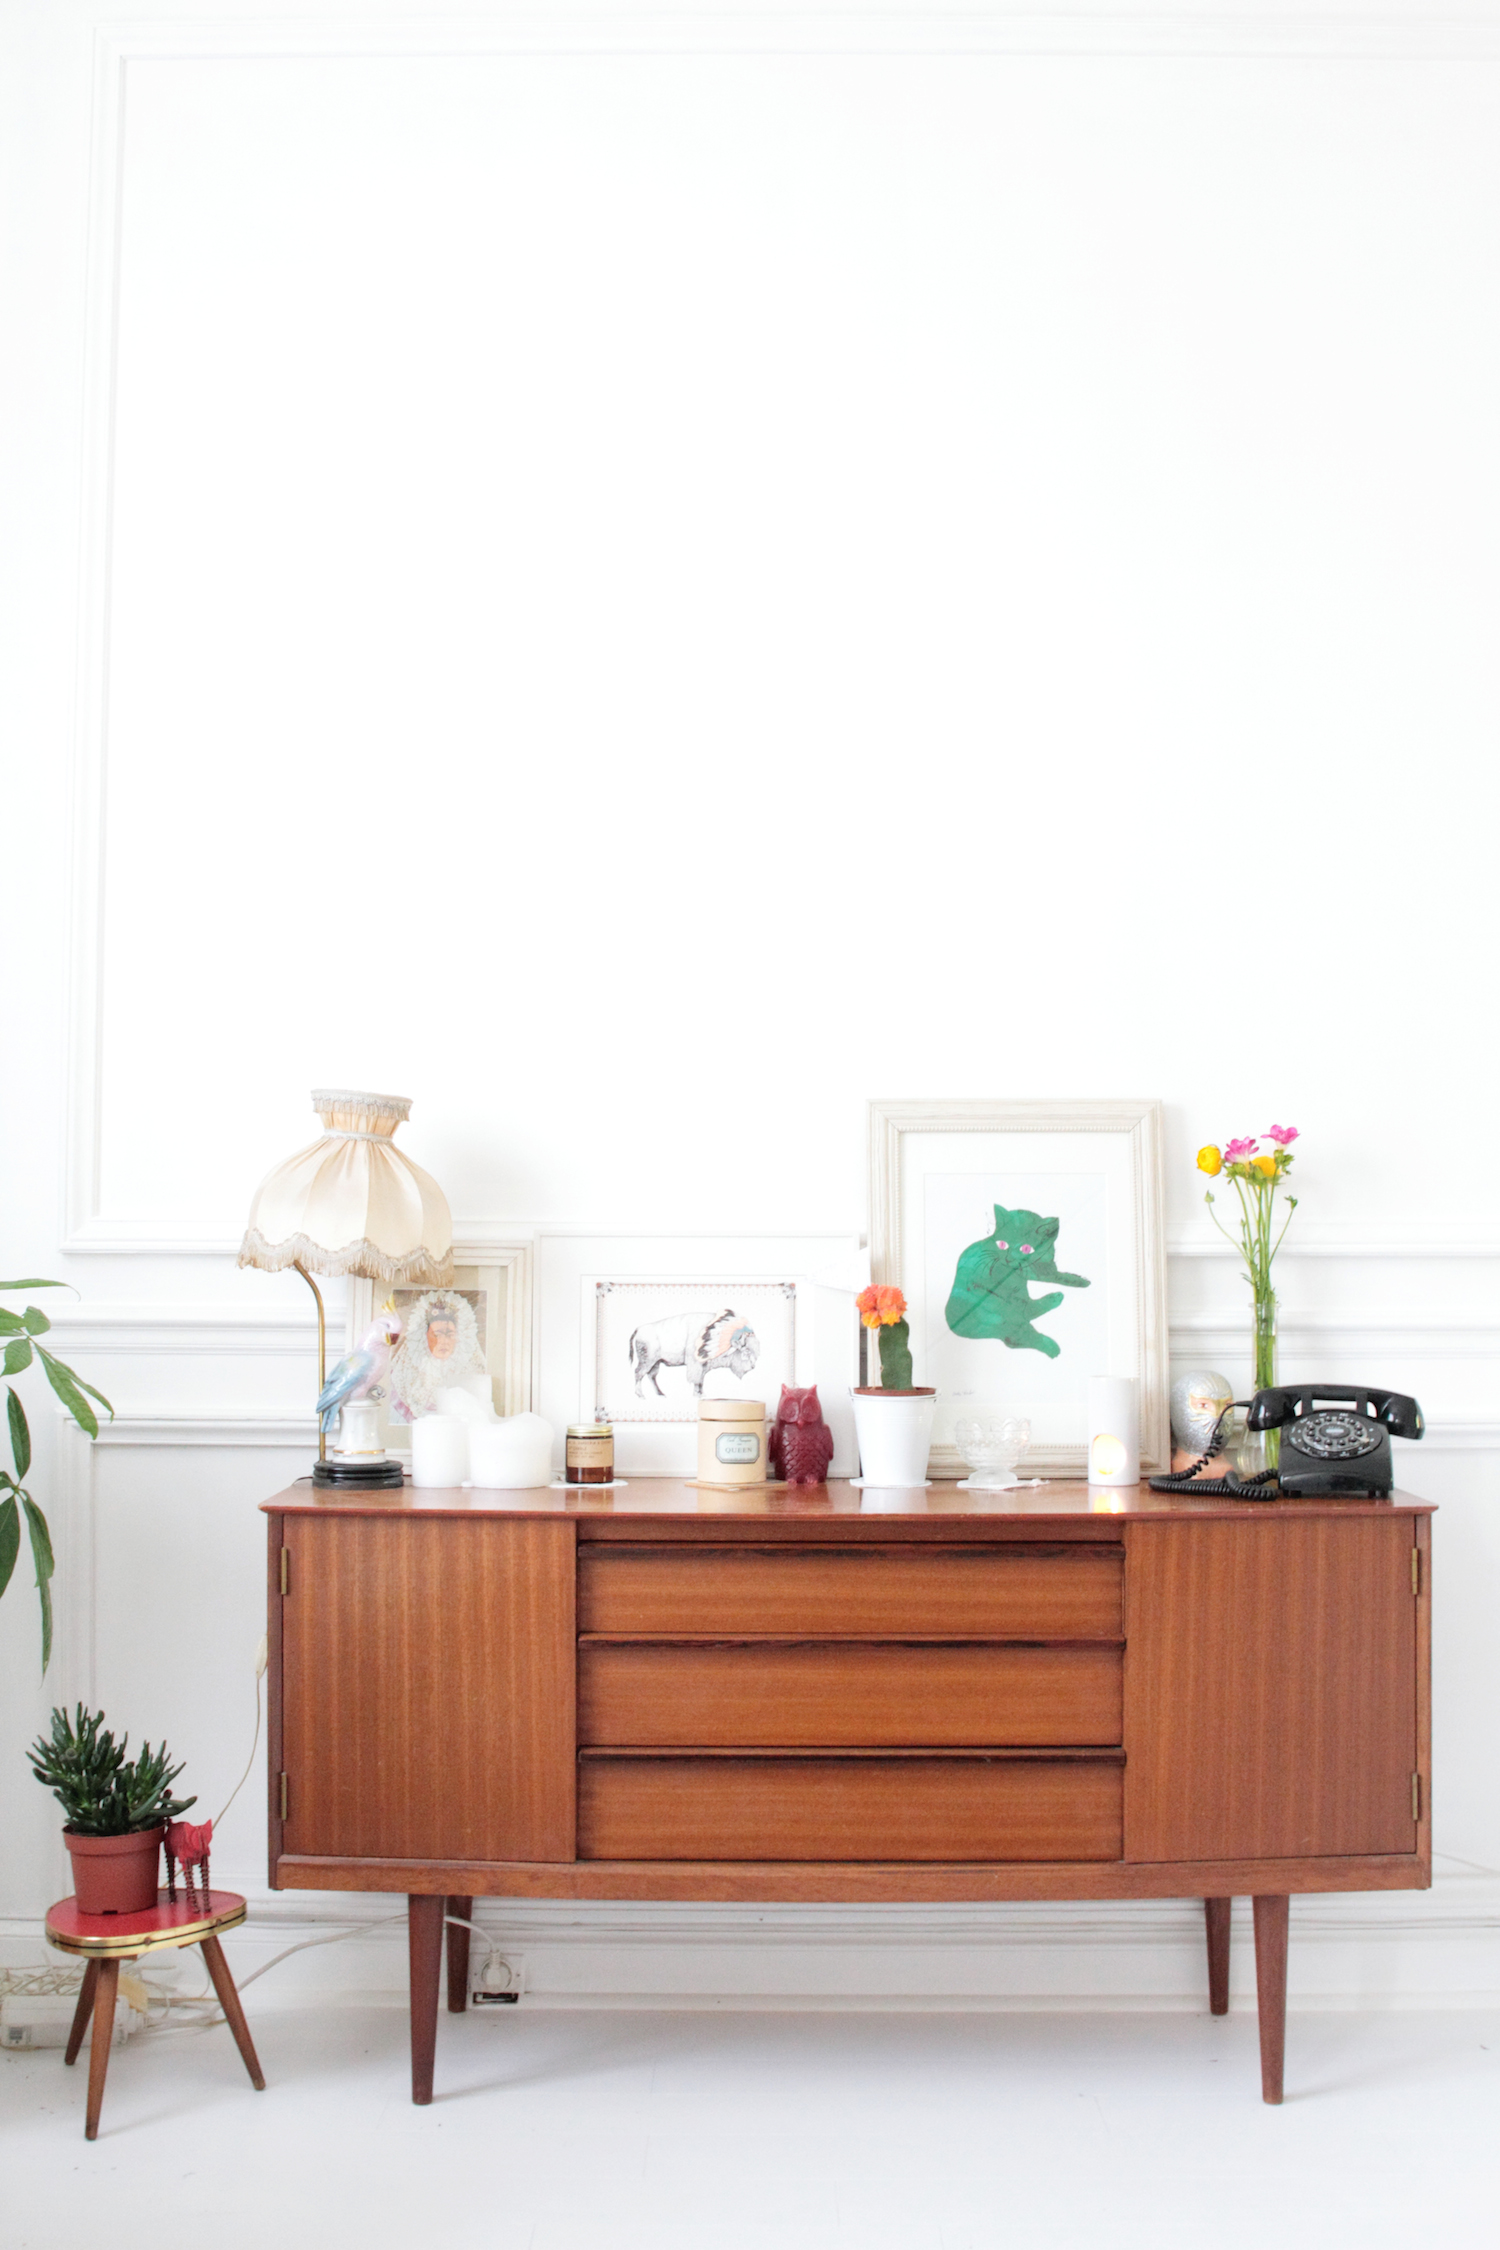 visite privee maison ville scandinave amelie christophe 2527 h ll blogzine. Black Bedroom Furniture Sets. Home Design Ideas